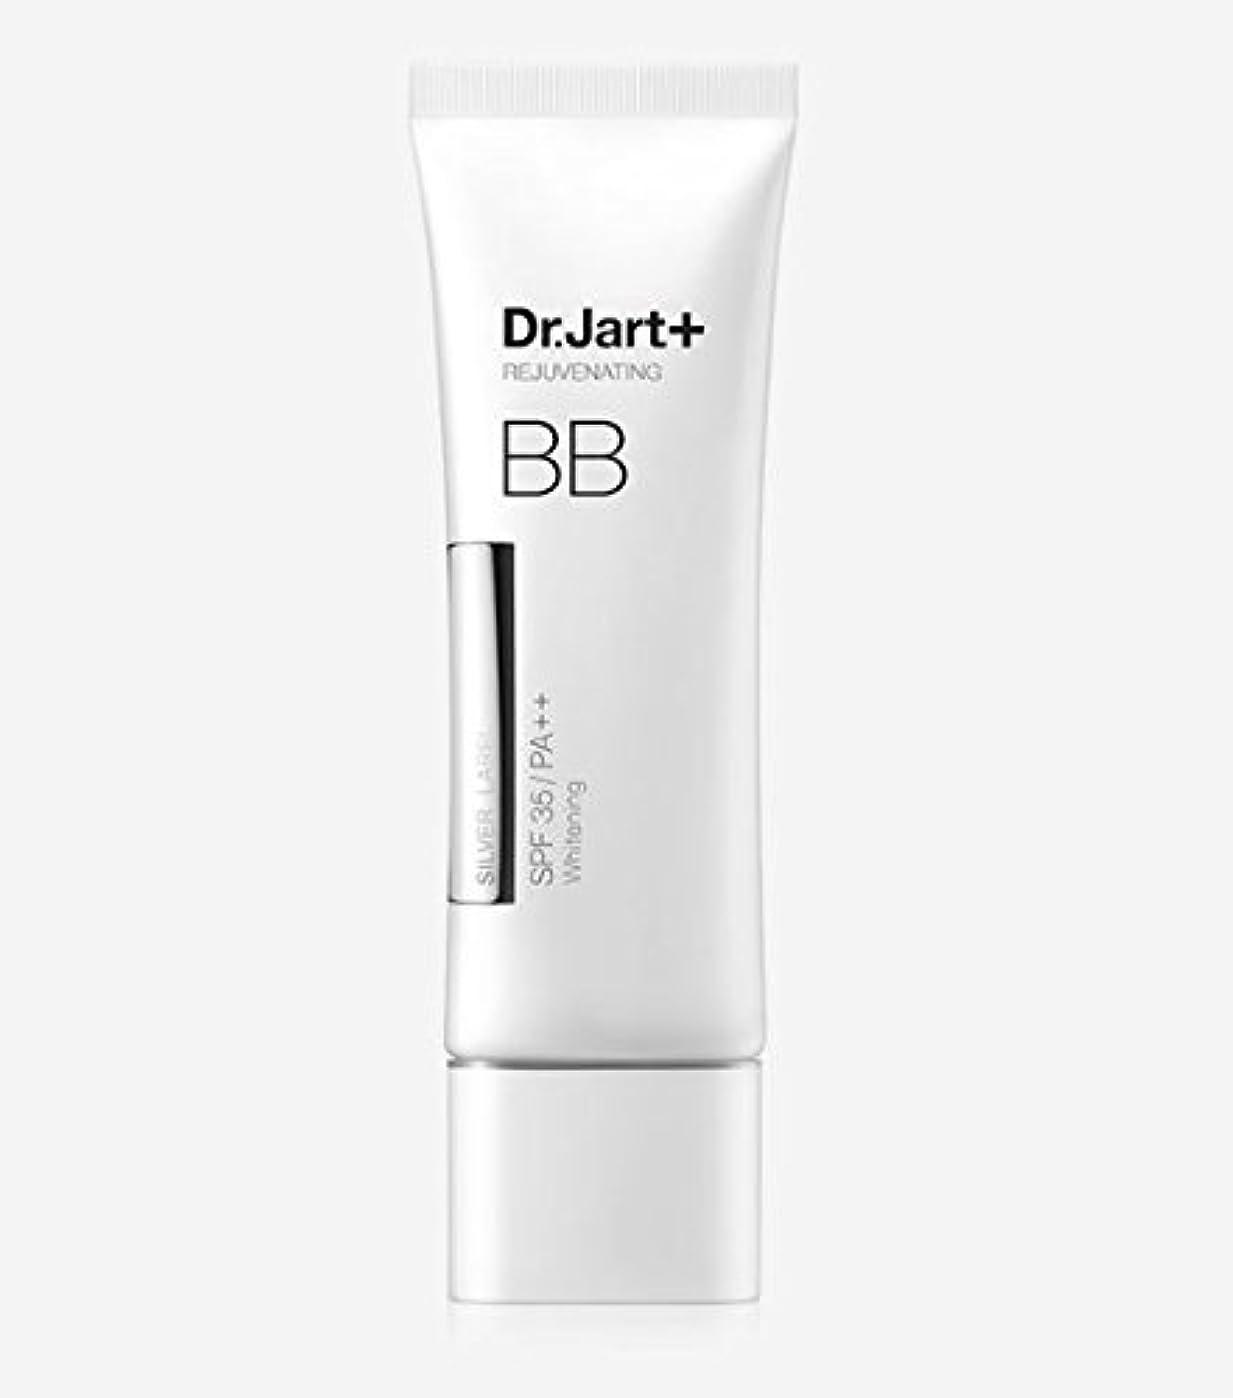 さびた累積マーティフィールディング[Dr. Jart] Silver Label BB Rejuvenating Beauty Balm 50ml SPF35 PA++/[ドクタージャルト] シルバーラベル BB リジュビネイティング ビューティー バーム...